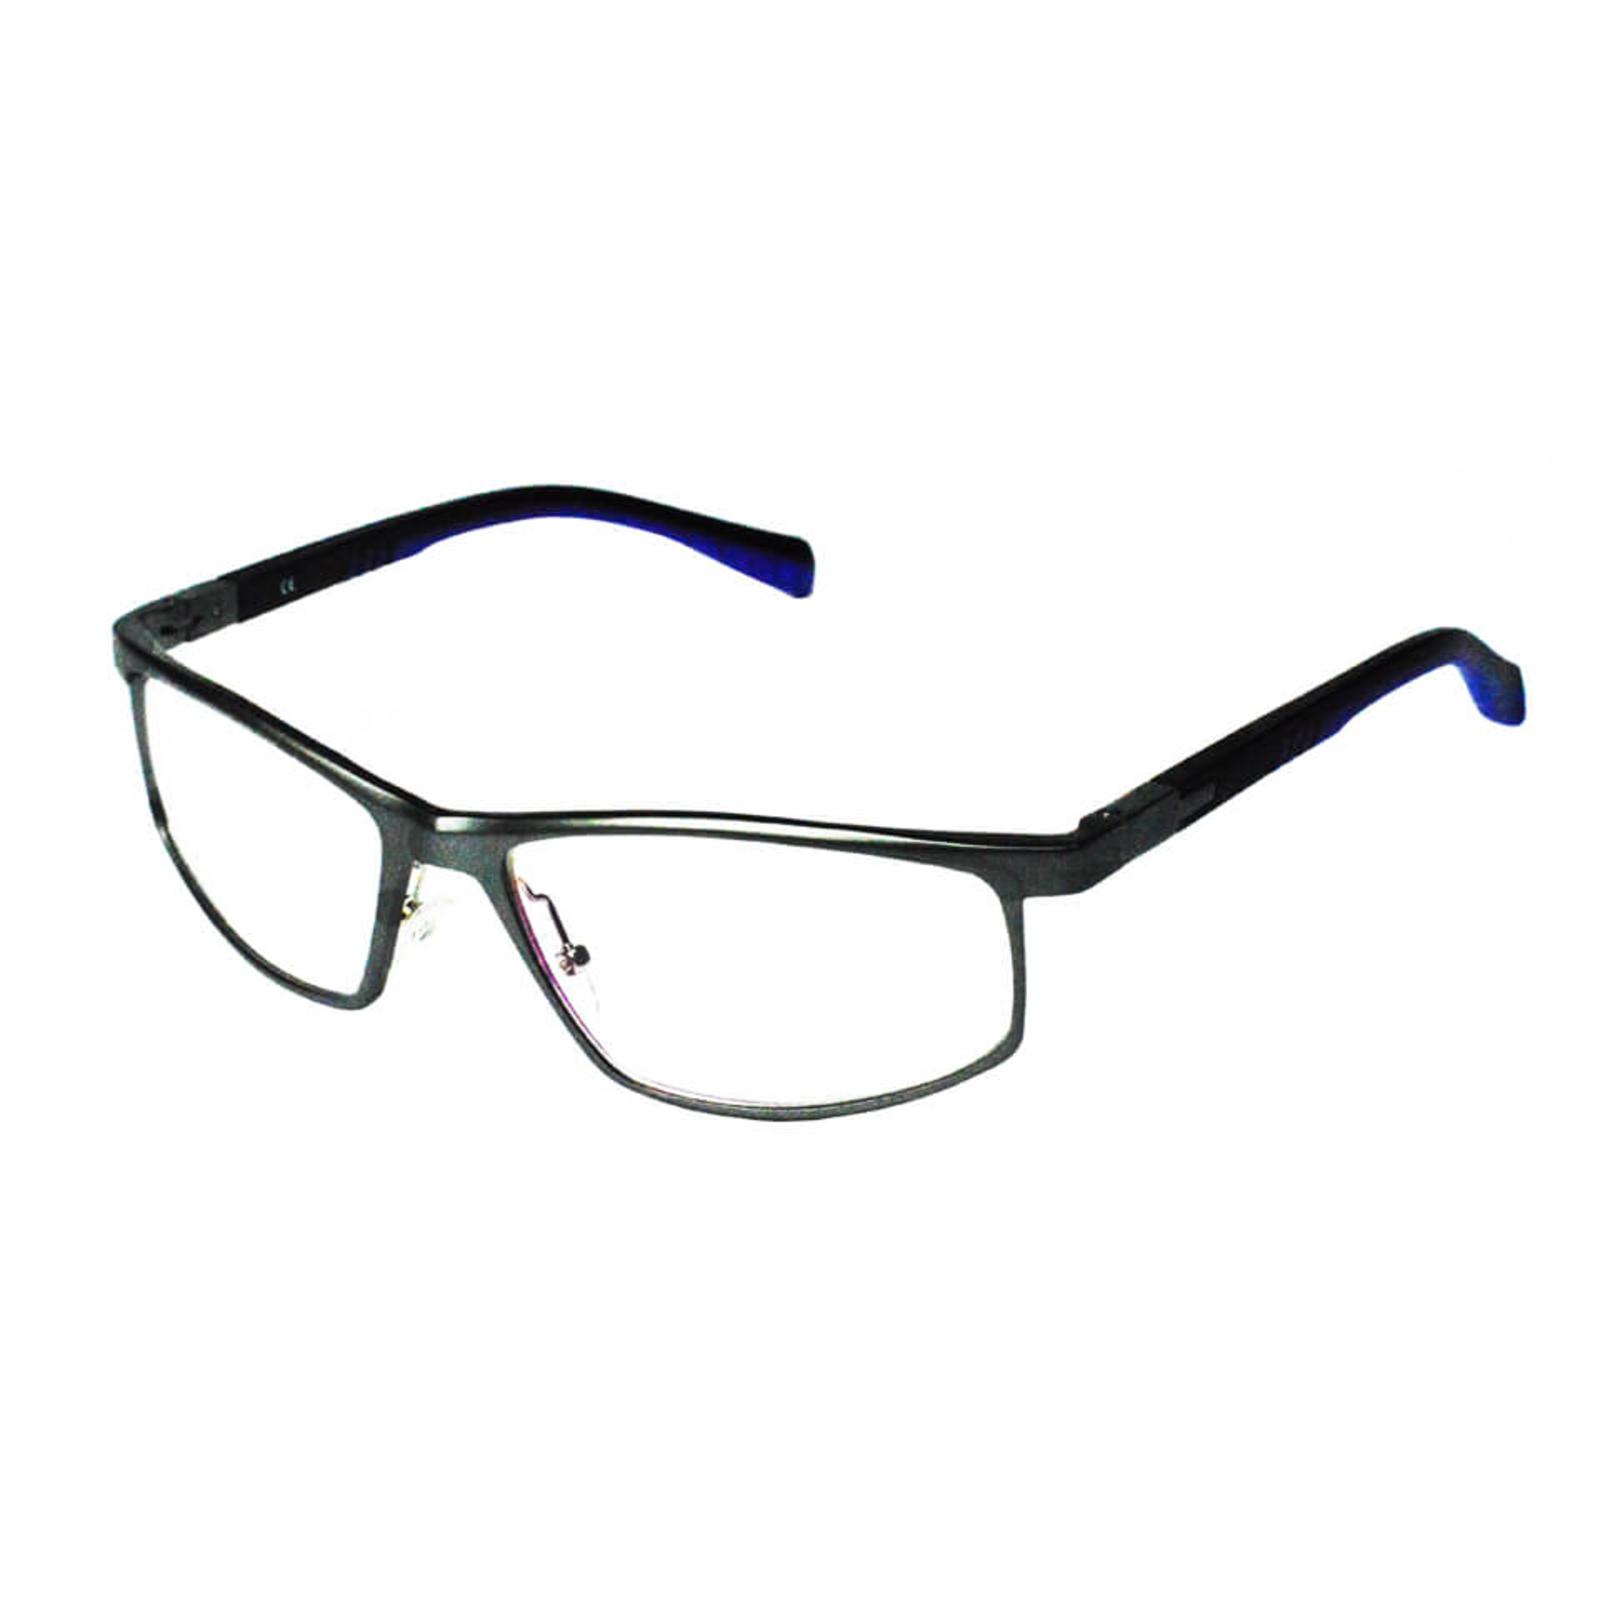 Armacao Oculos Grau Esportivo Aluminium Izaker 2024 Armacao